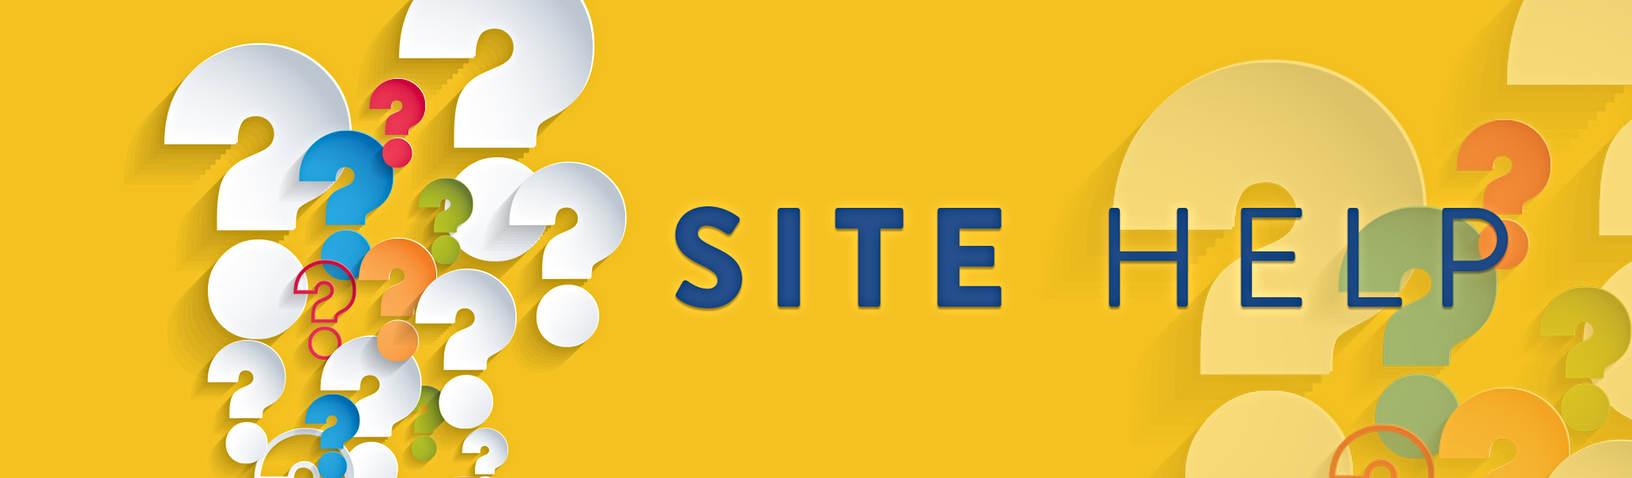 WM1_Site_Help_Feature.jpg